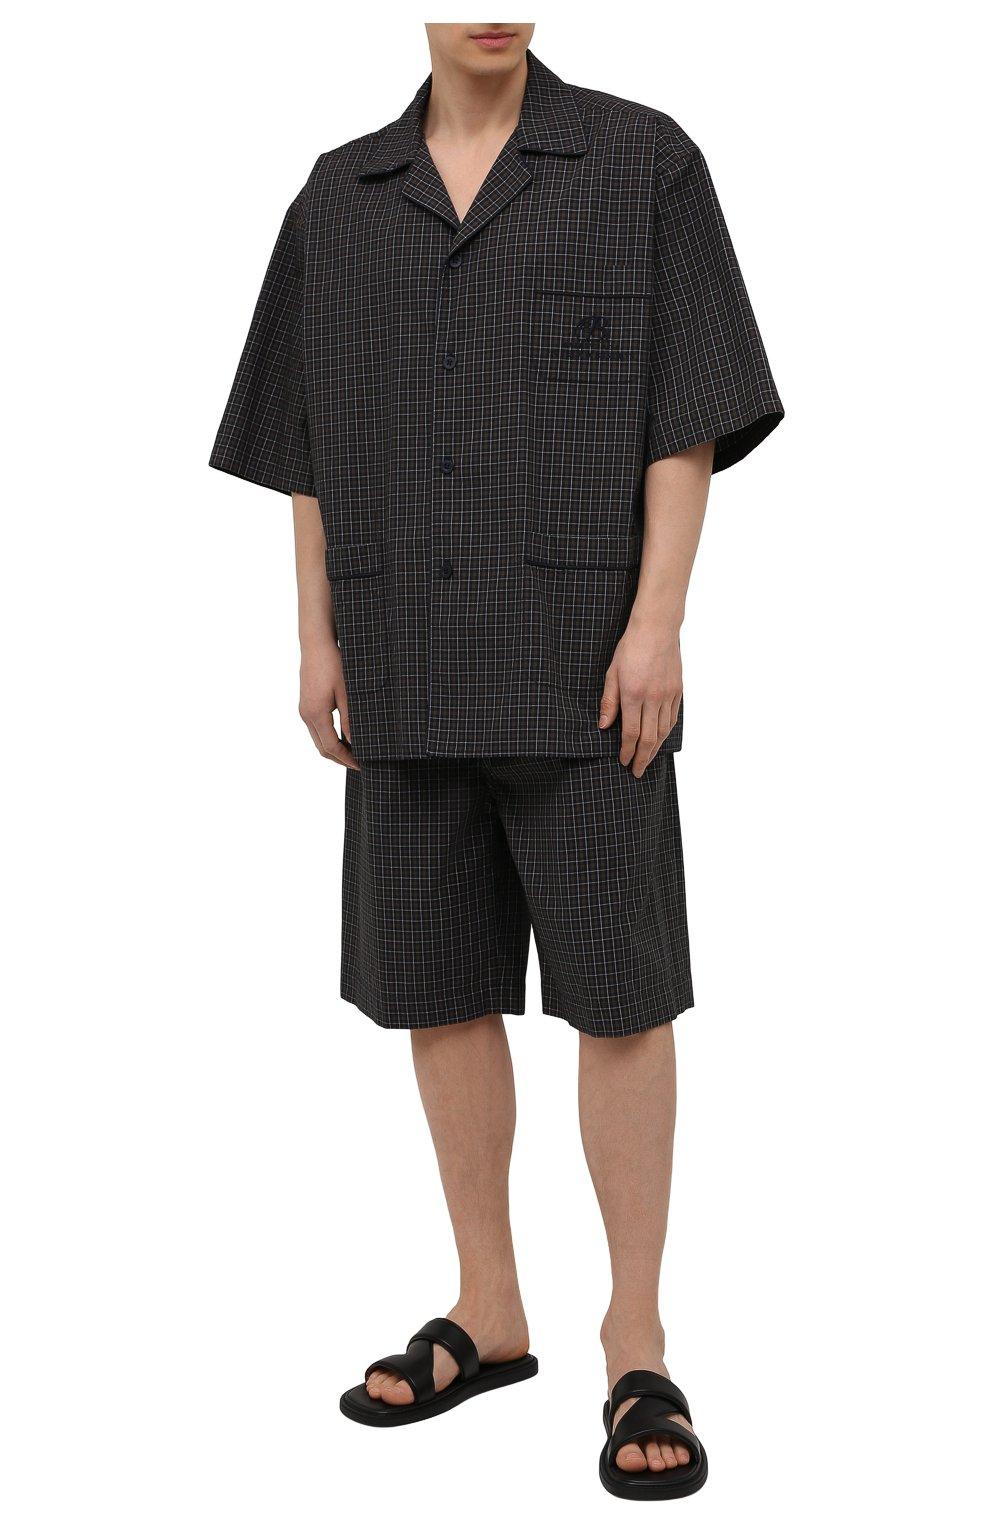 Мужская хлопковая рубашка BALENCIAGA хаки цвета, арт. 658845/TKM34   Фото 2 (Принт: Клетка; Рукава: Короткие; Случай: Повседневный; Длина (для топов): Стандартные, Удлиненные; Материал внешний: Хлопок; Воротник: Отложной; Стили: Минимализм)